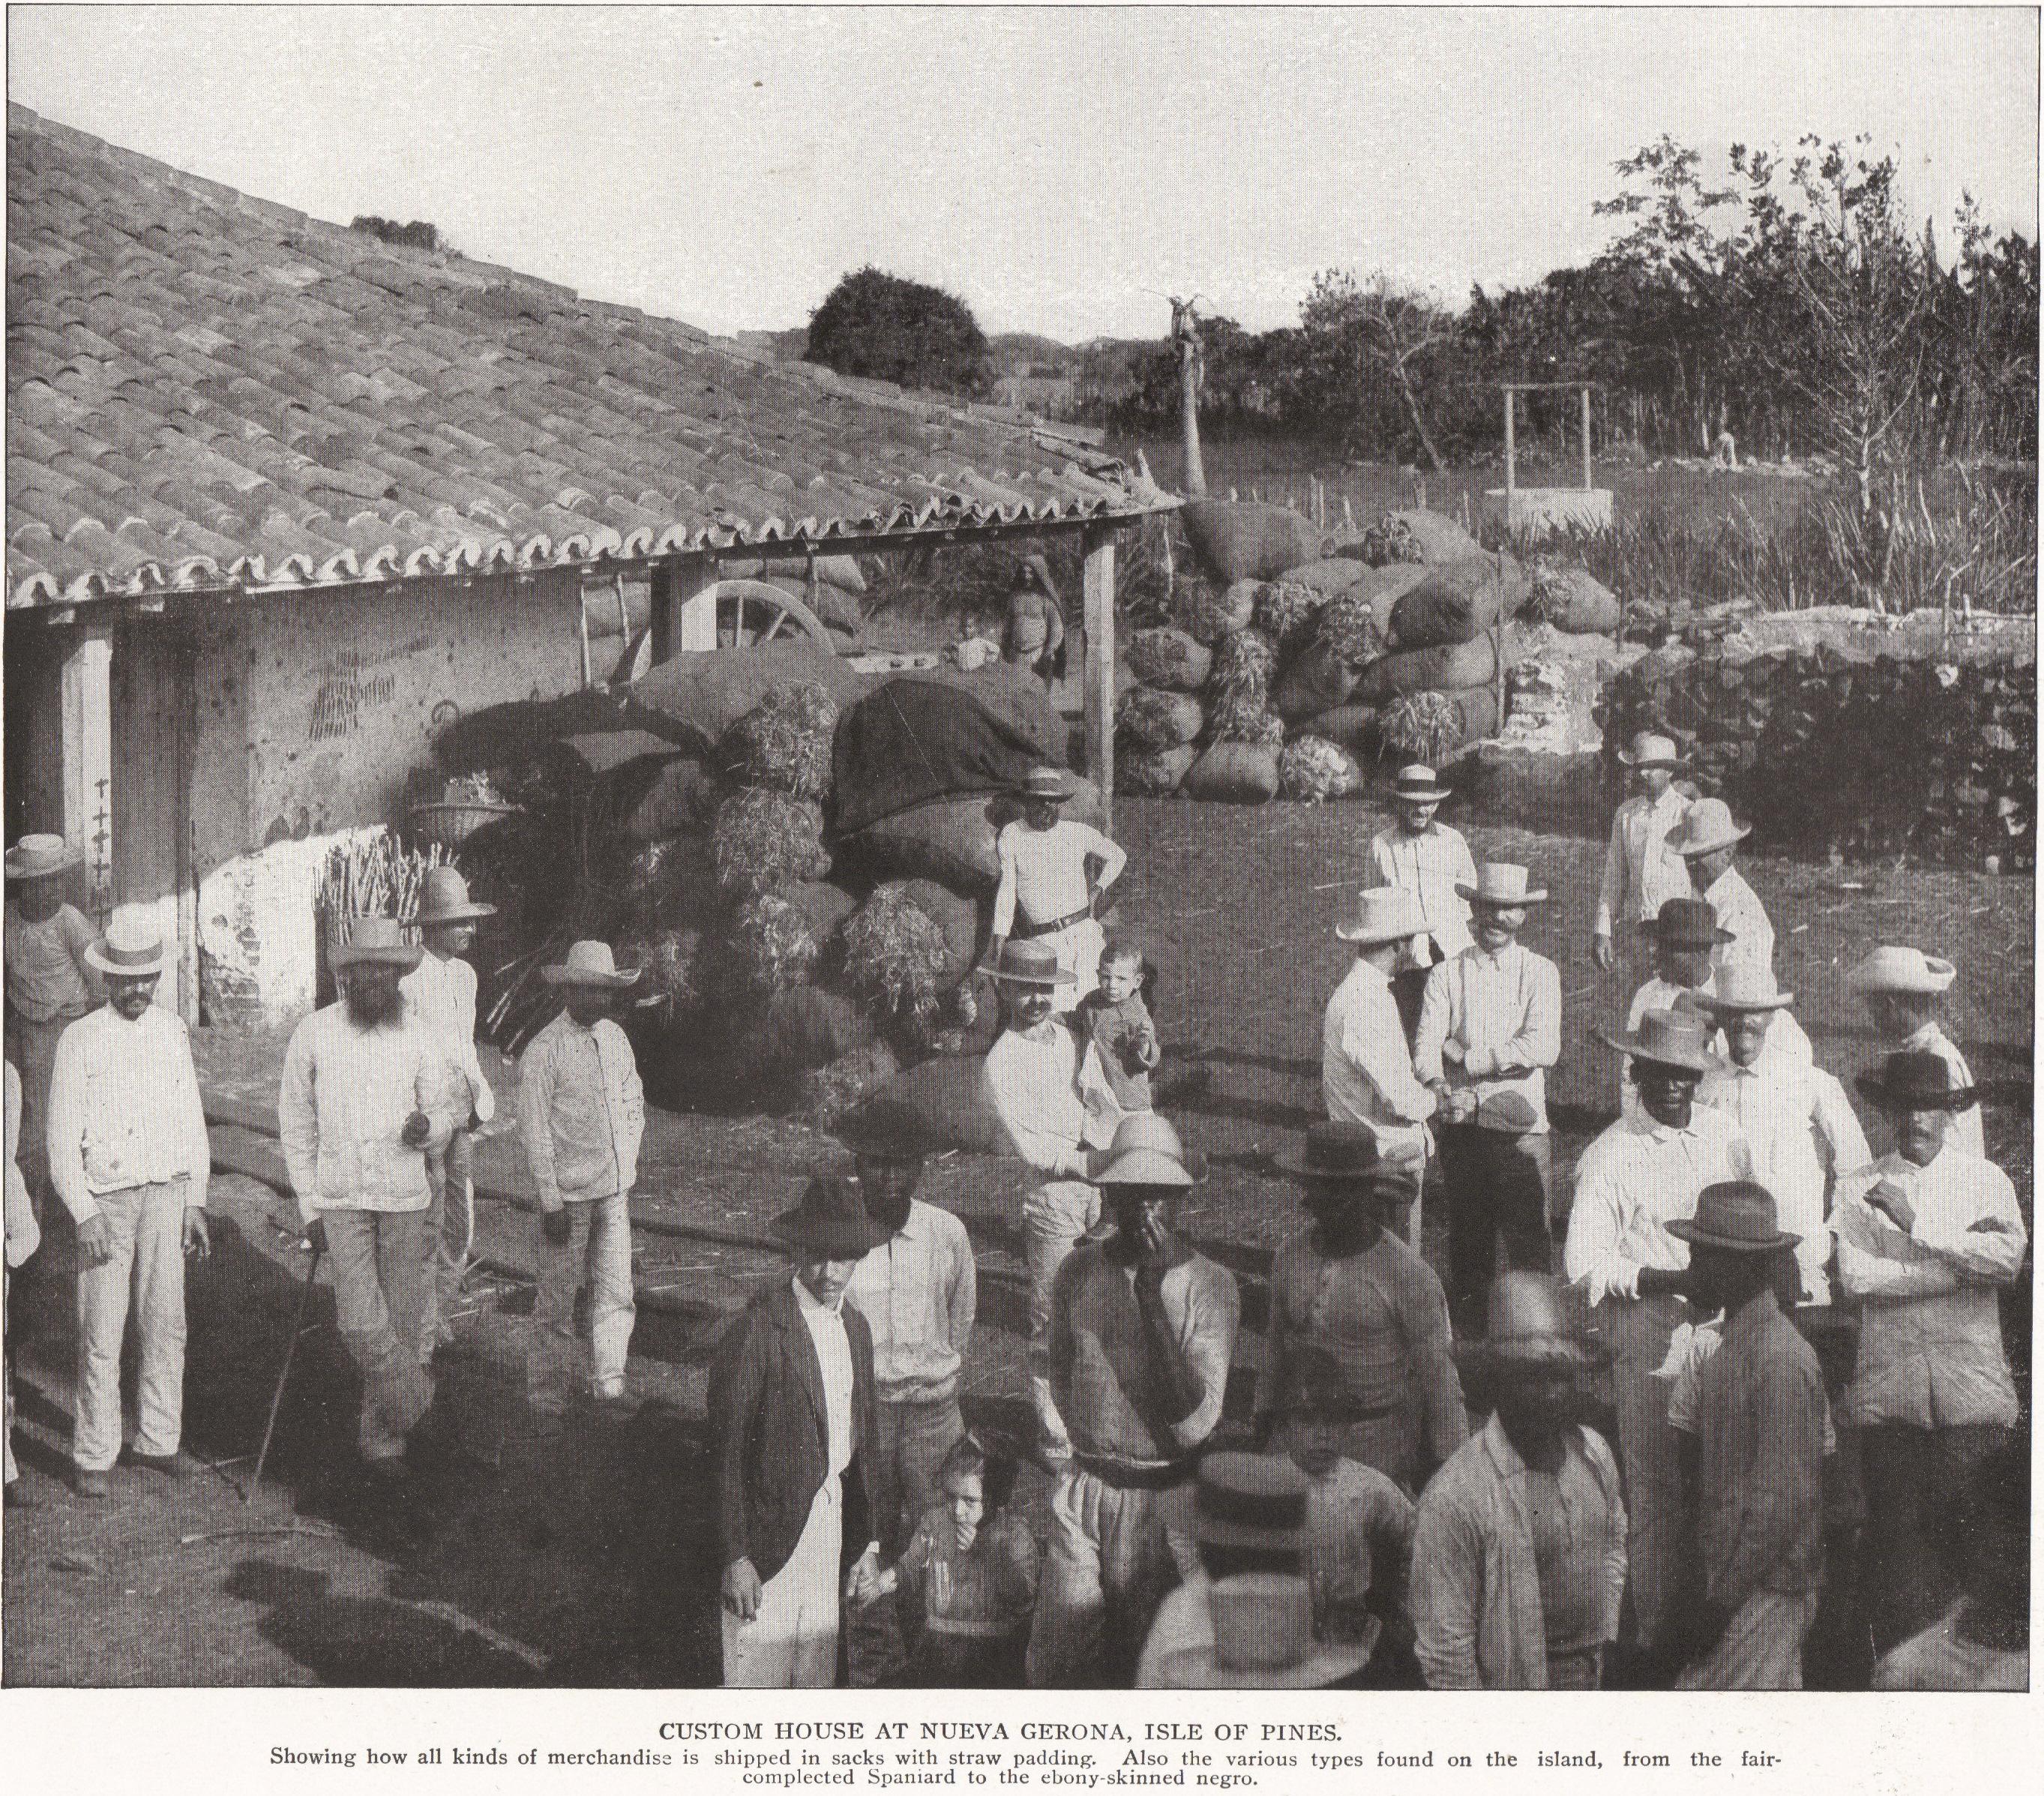 Custom House at Nueva Gerona, Cuba (1898)